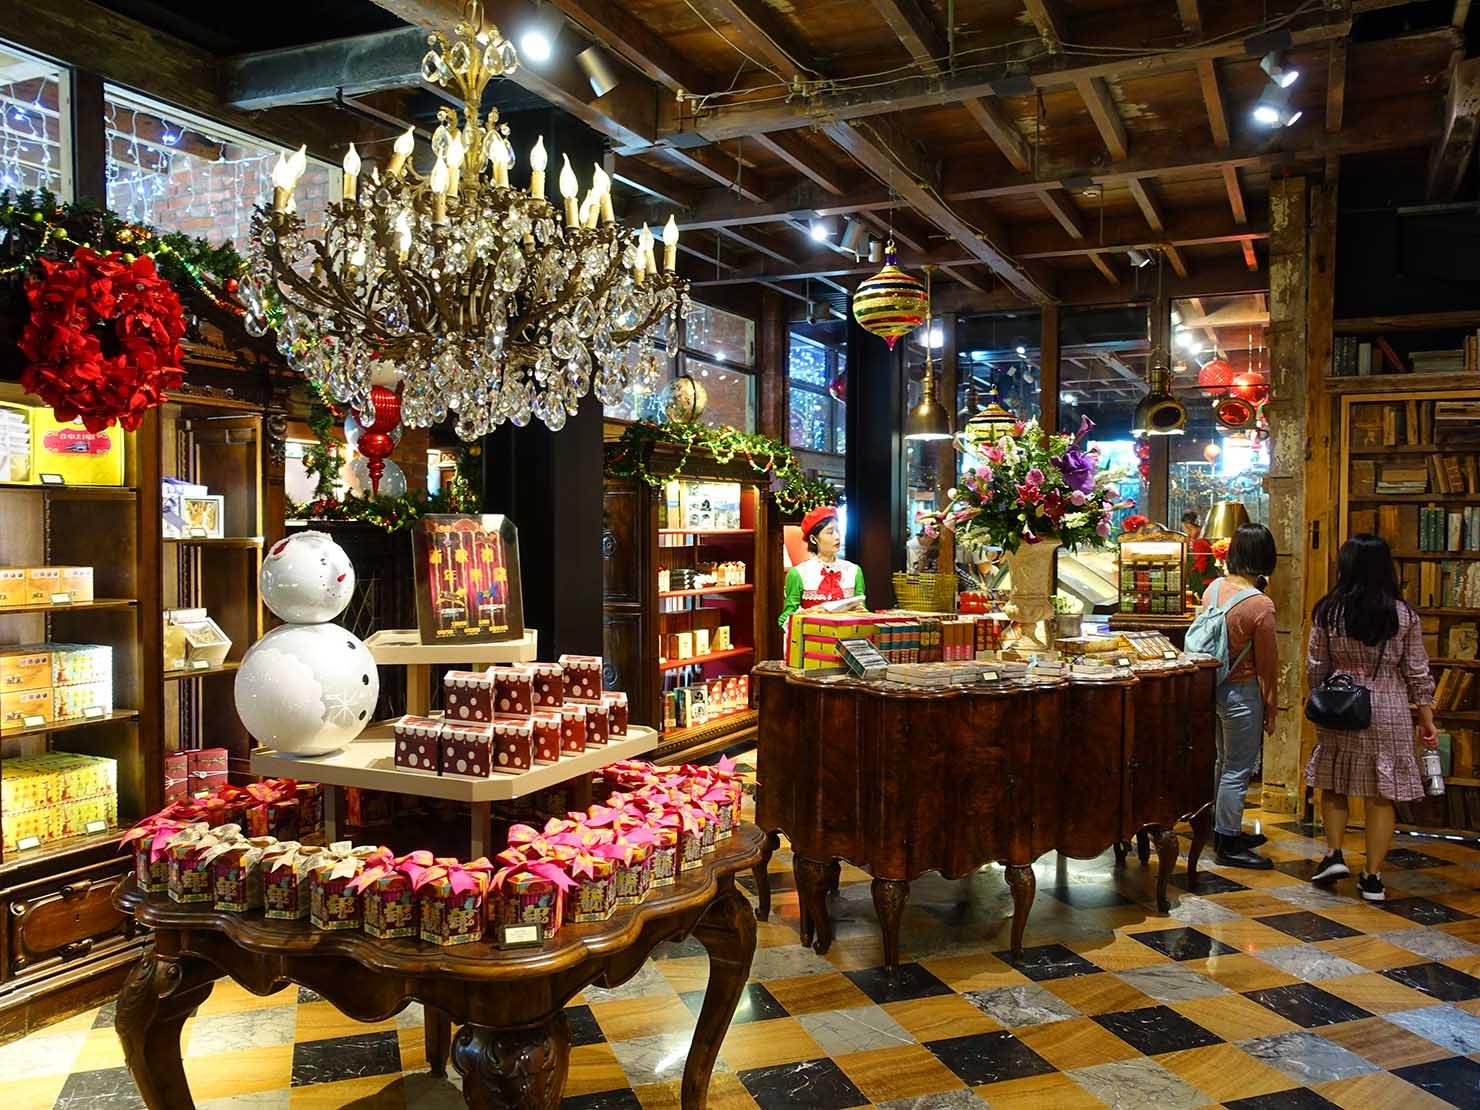 台中観光のおすすめスポット「宮原眼科」の店内